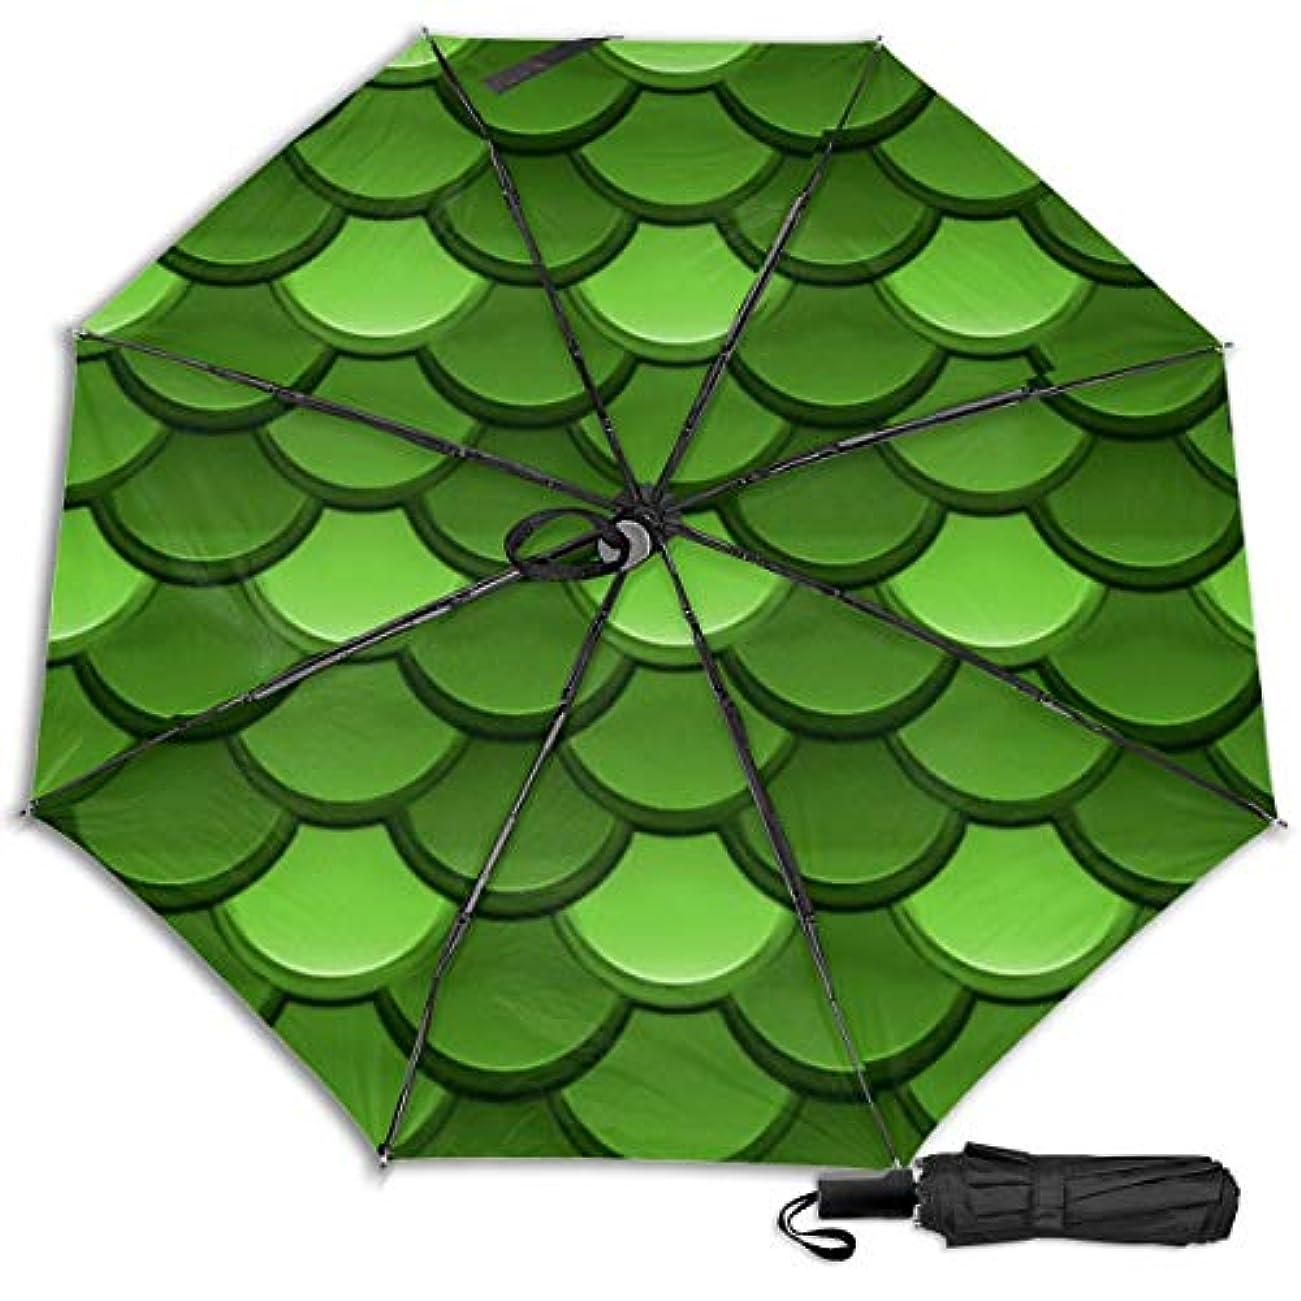 にぎやか共和党カウント緑の森のドラゴンの鱗日傘 折りたたみ日傘 折り畳み日傘 超軽量 遮光率100% UVカット率99.9% UPF50+ 紫外線対策 遮熱効果 晴雨兼用 携帯便利 耐風撥水 手動 男女兼用